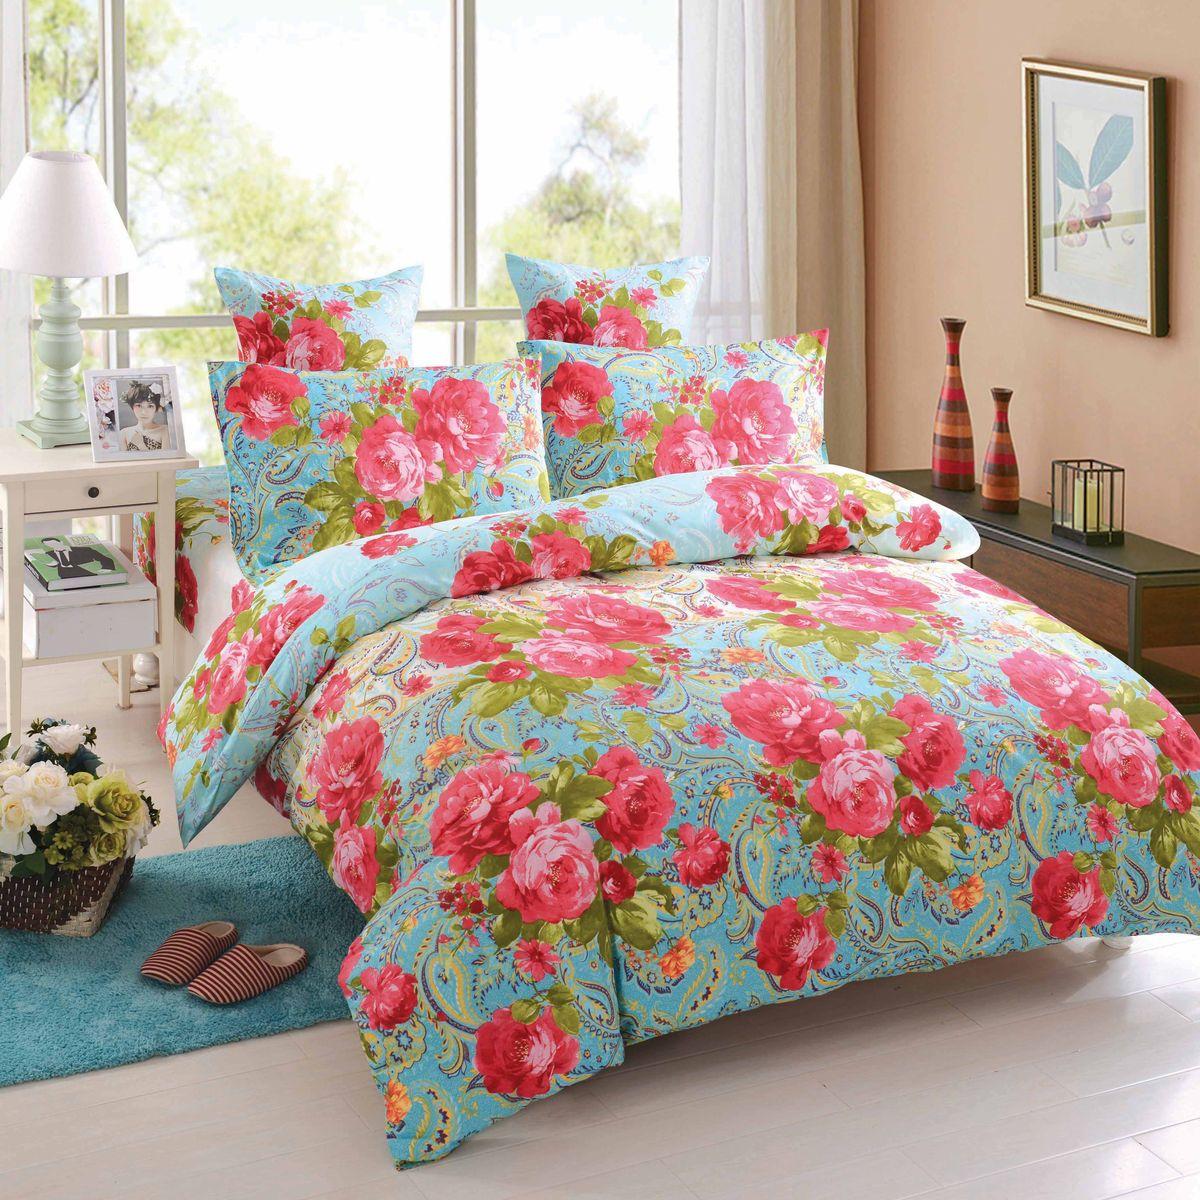 Комплект белья Amore Mio Naples, 2-спальный, наволочки 70x70, цвет: красный, голубой naples and capri